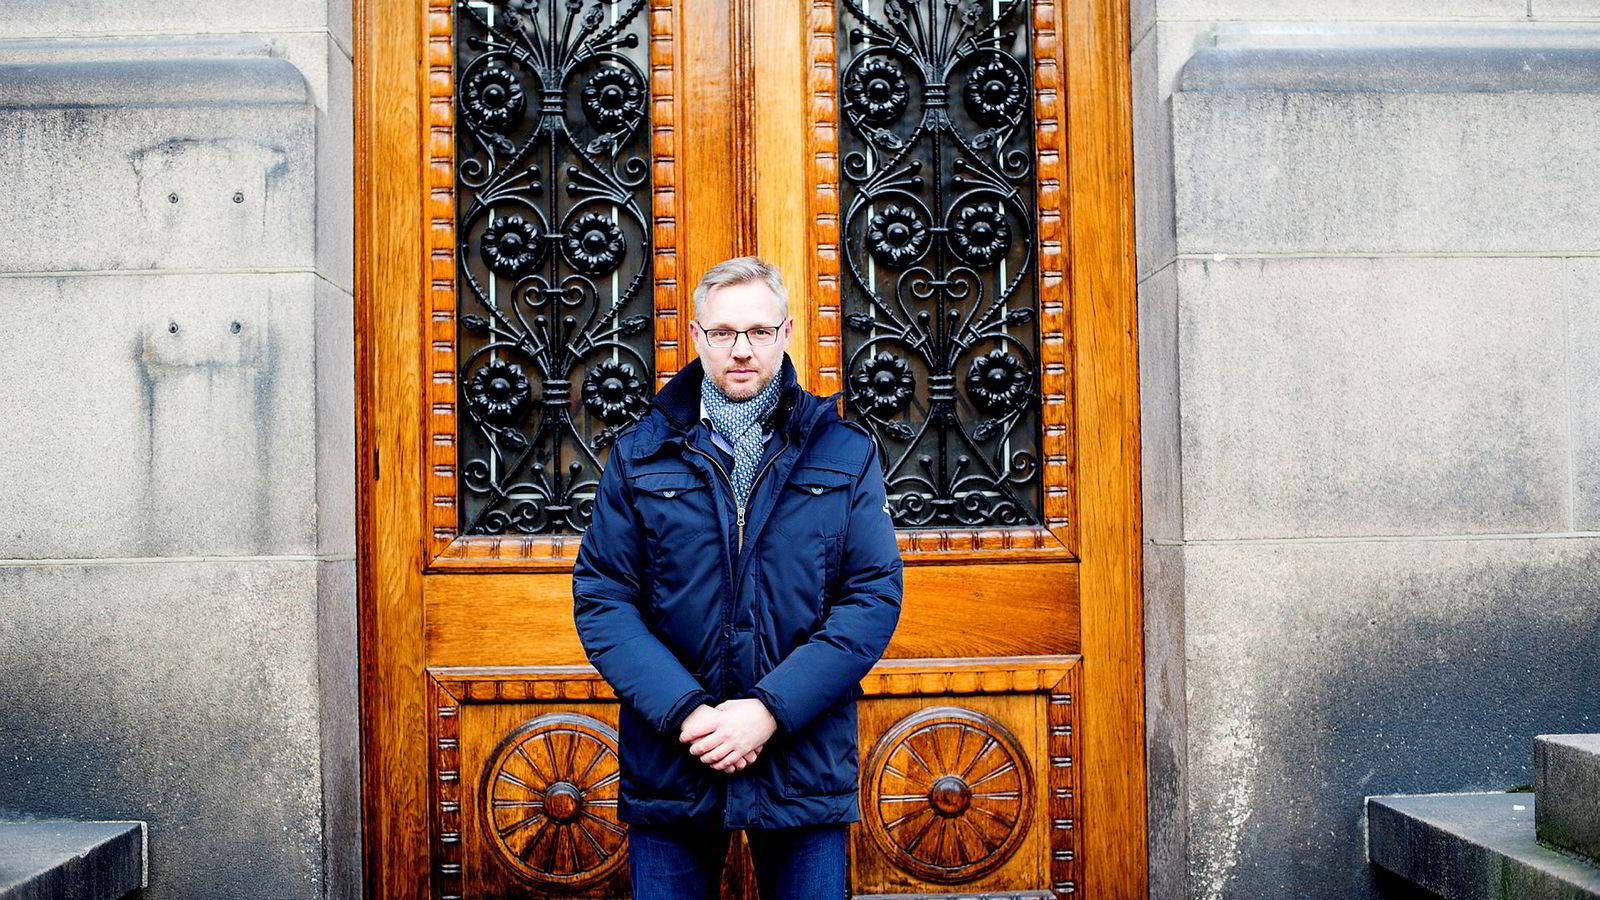 Klimarisikoutvalget presenterer 12. desember en rapport det er all grunn til å se frem til. Utvalget er bedt om å analysere hvordan Norge og norsk økonomi er utsatt for klimarisiko og hvordan vi kan analysere denne. Her utvalgsleder Martin Skancke.